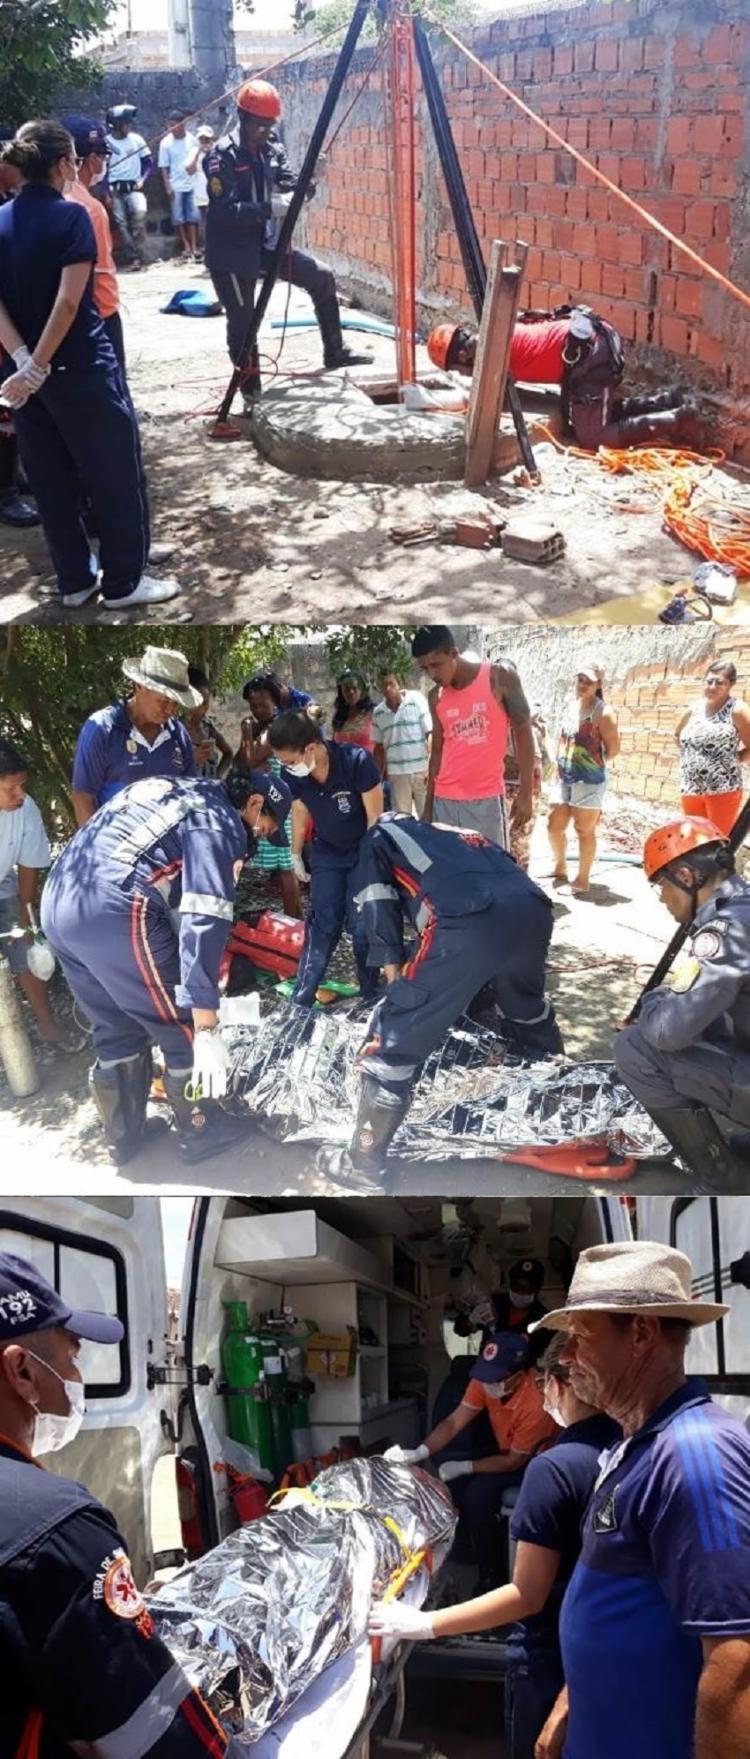 Os socorros foi dado pela Ambulância do Serviço de Atendimento Móvel de Urgência (Samu), e durou aproximadamente duas horas e meia